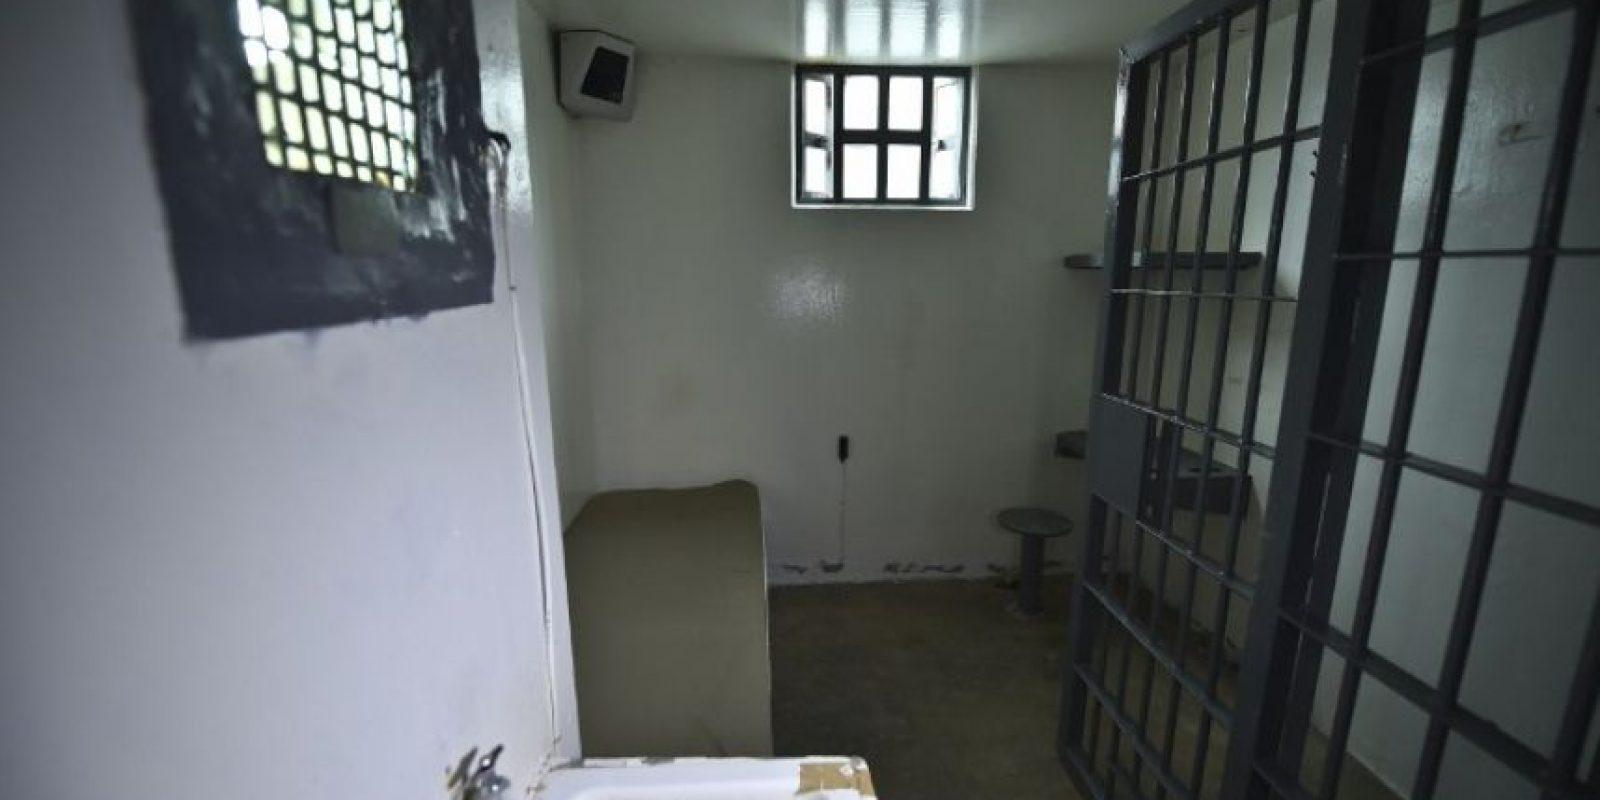 Esta es la vista de la celda desde la regadera, lugar donde escapó Foto:AFP